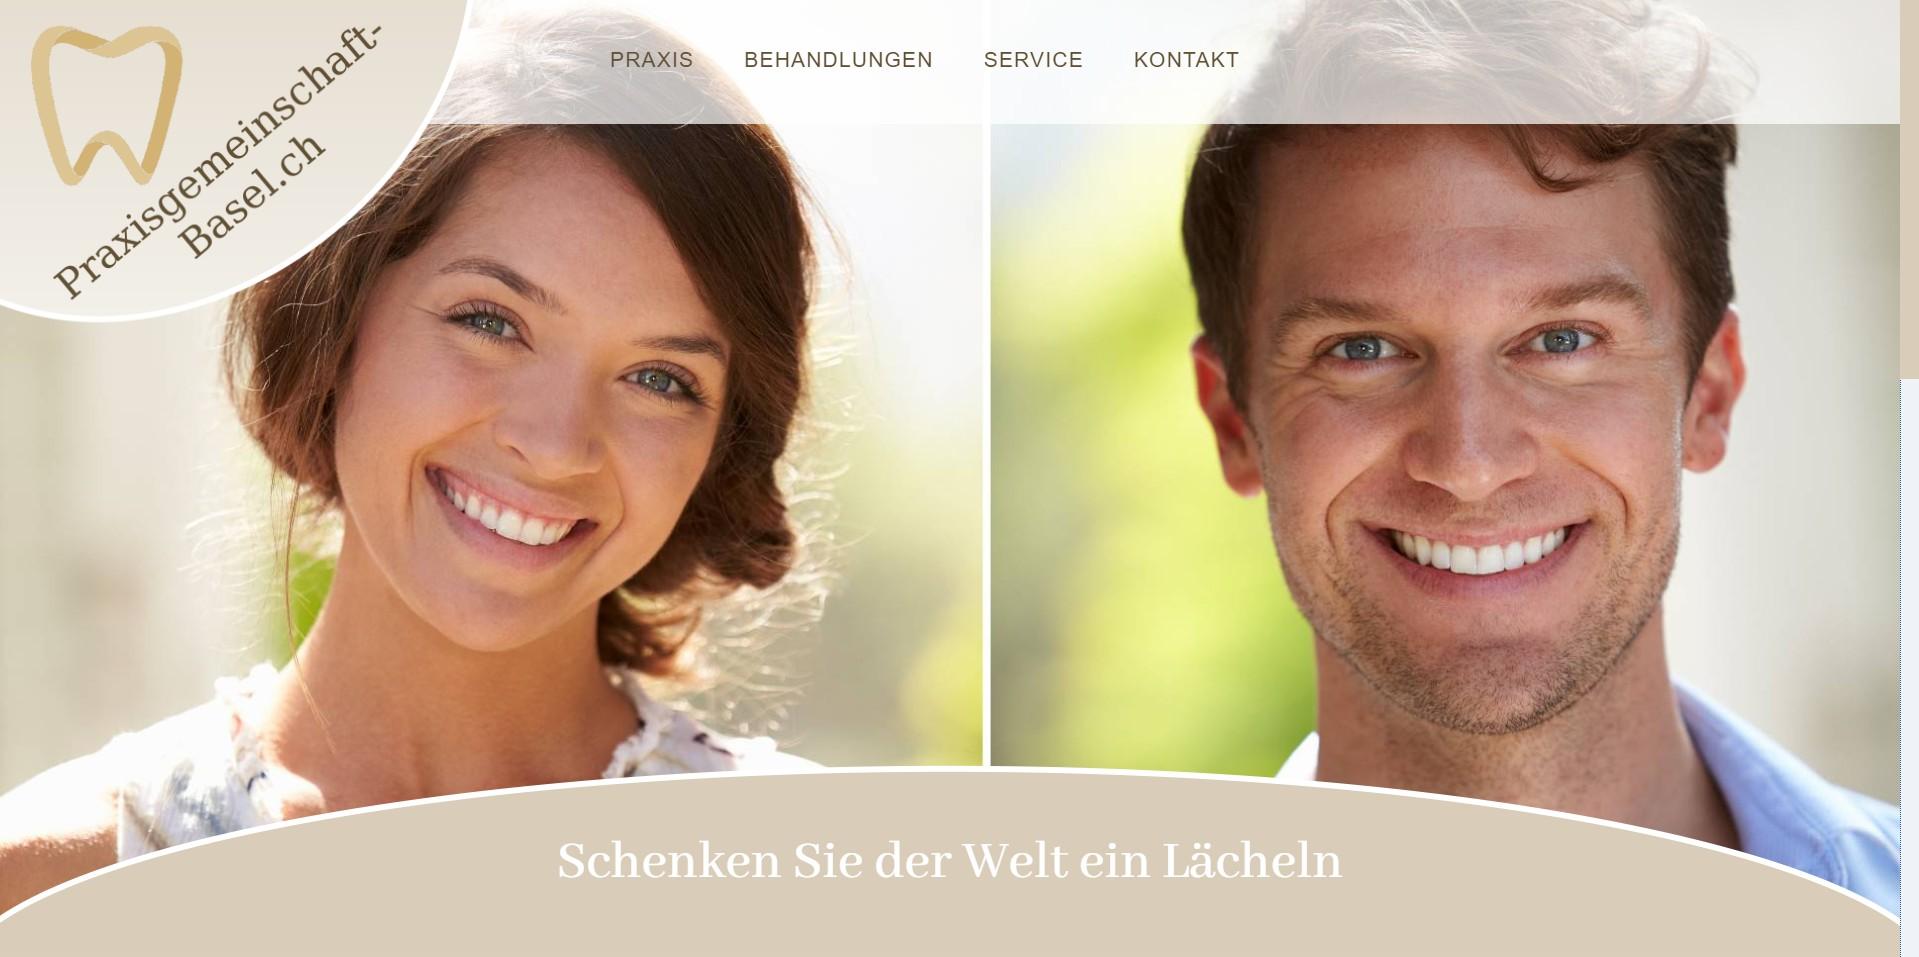 Praxisgemeinschaft-Basel.ch